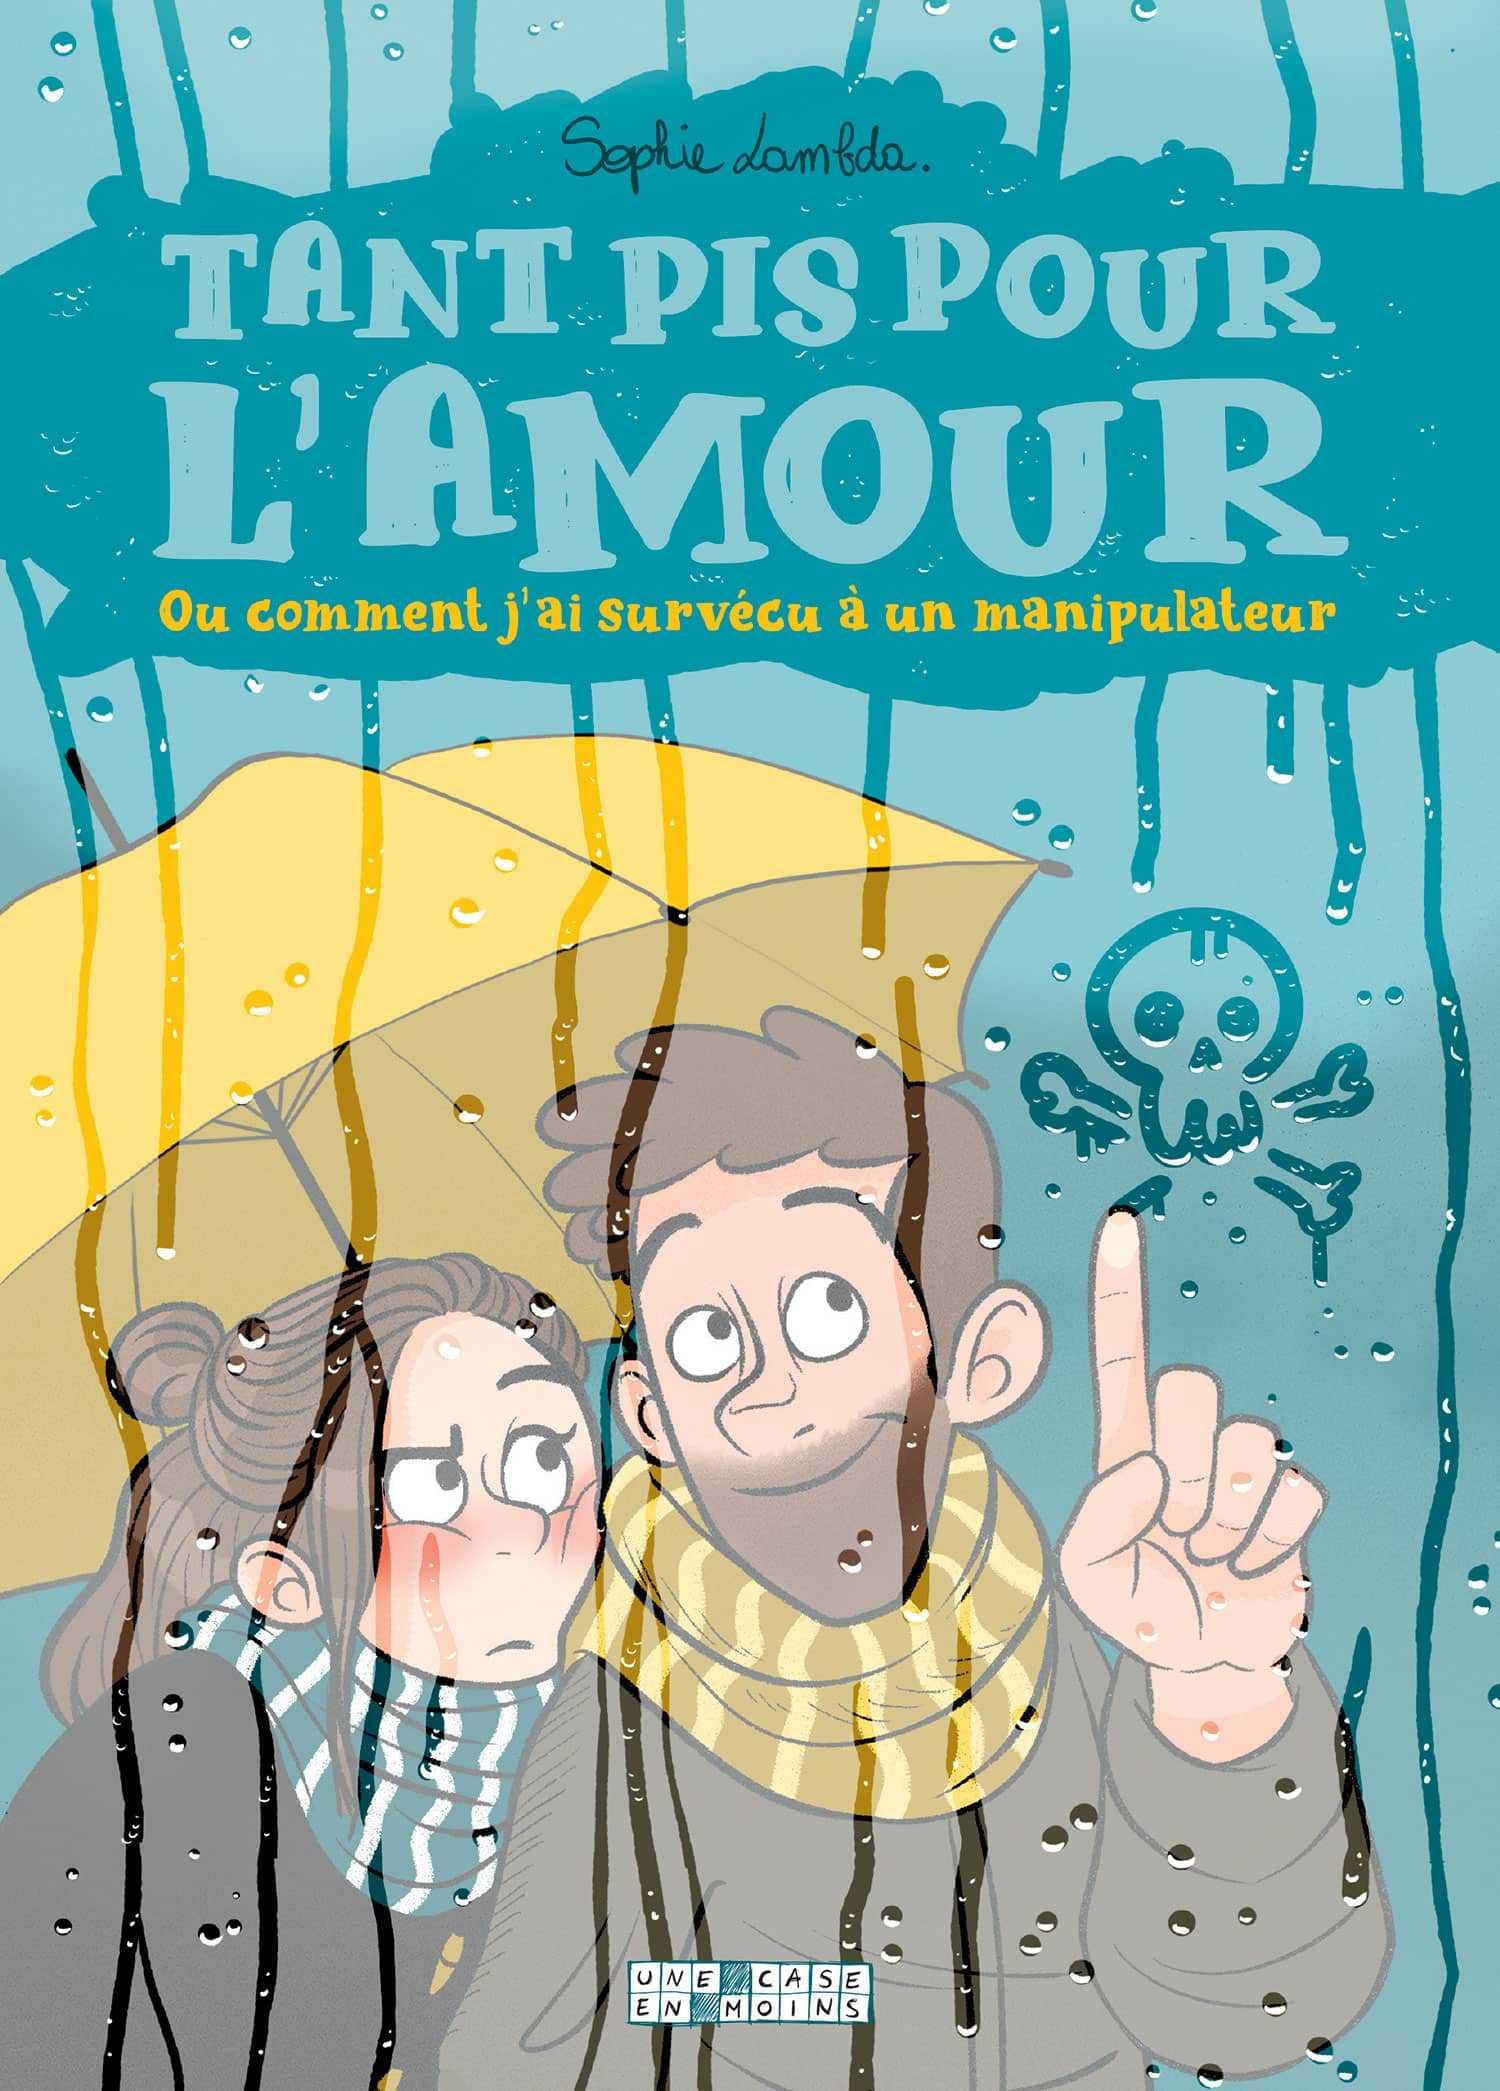 Sophie Lambda chez Planètes Interdites le 16 novembre 2019 à Montpellier pour Tant pis pour l'amour